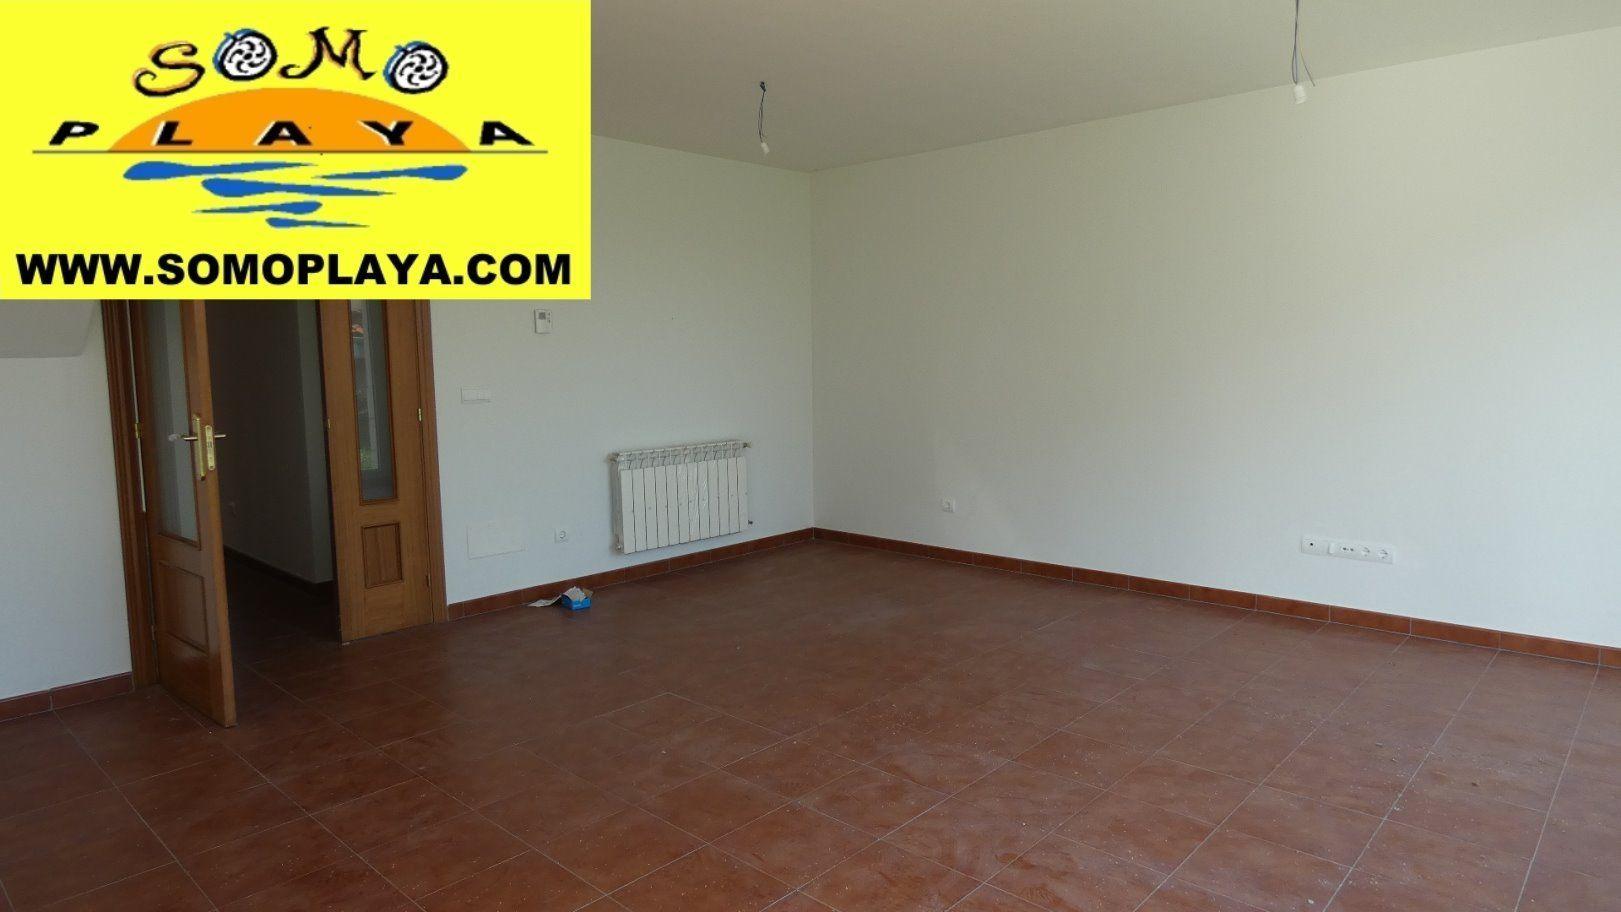 Villa en venta en Ribamontán al Monte zona Villaverde de Pontones